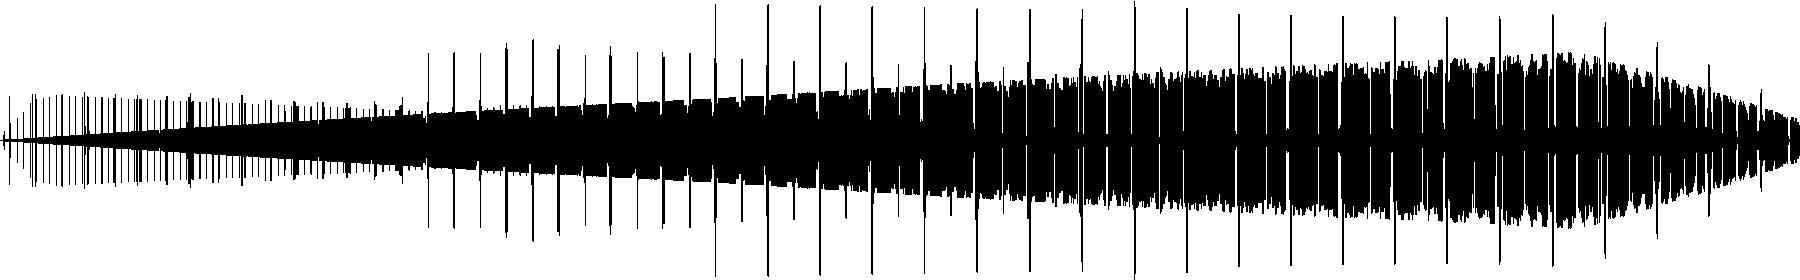 veh2 synths   091 c